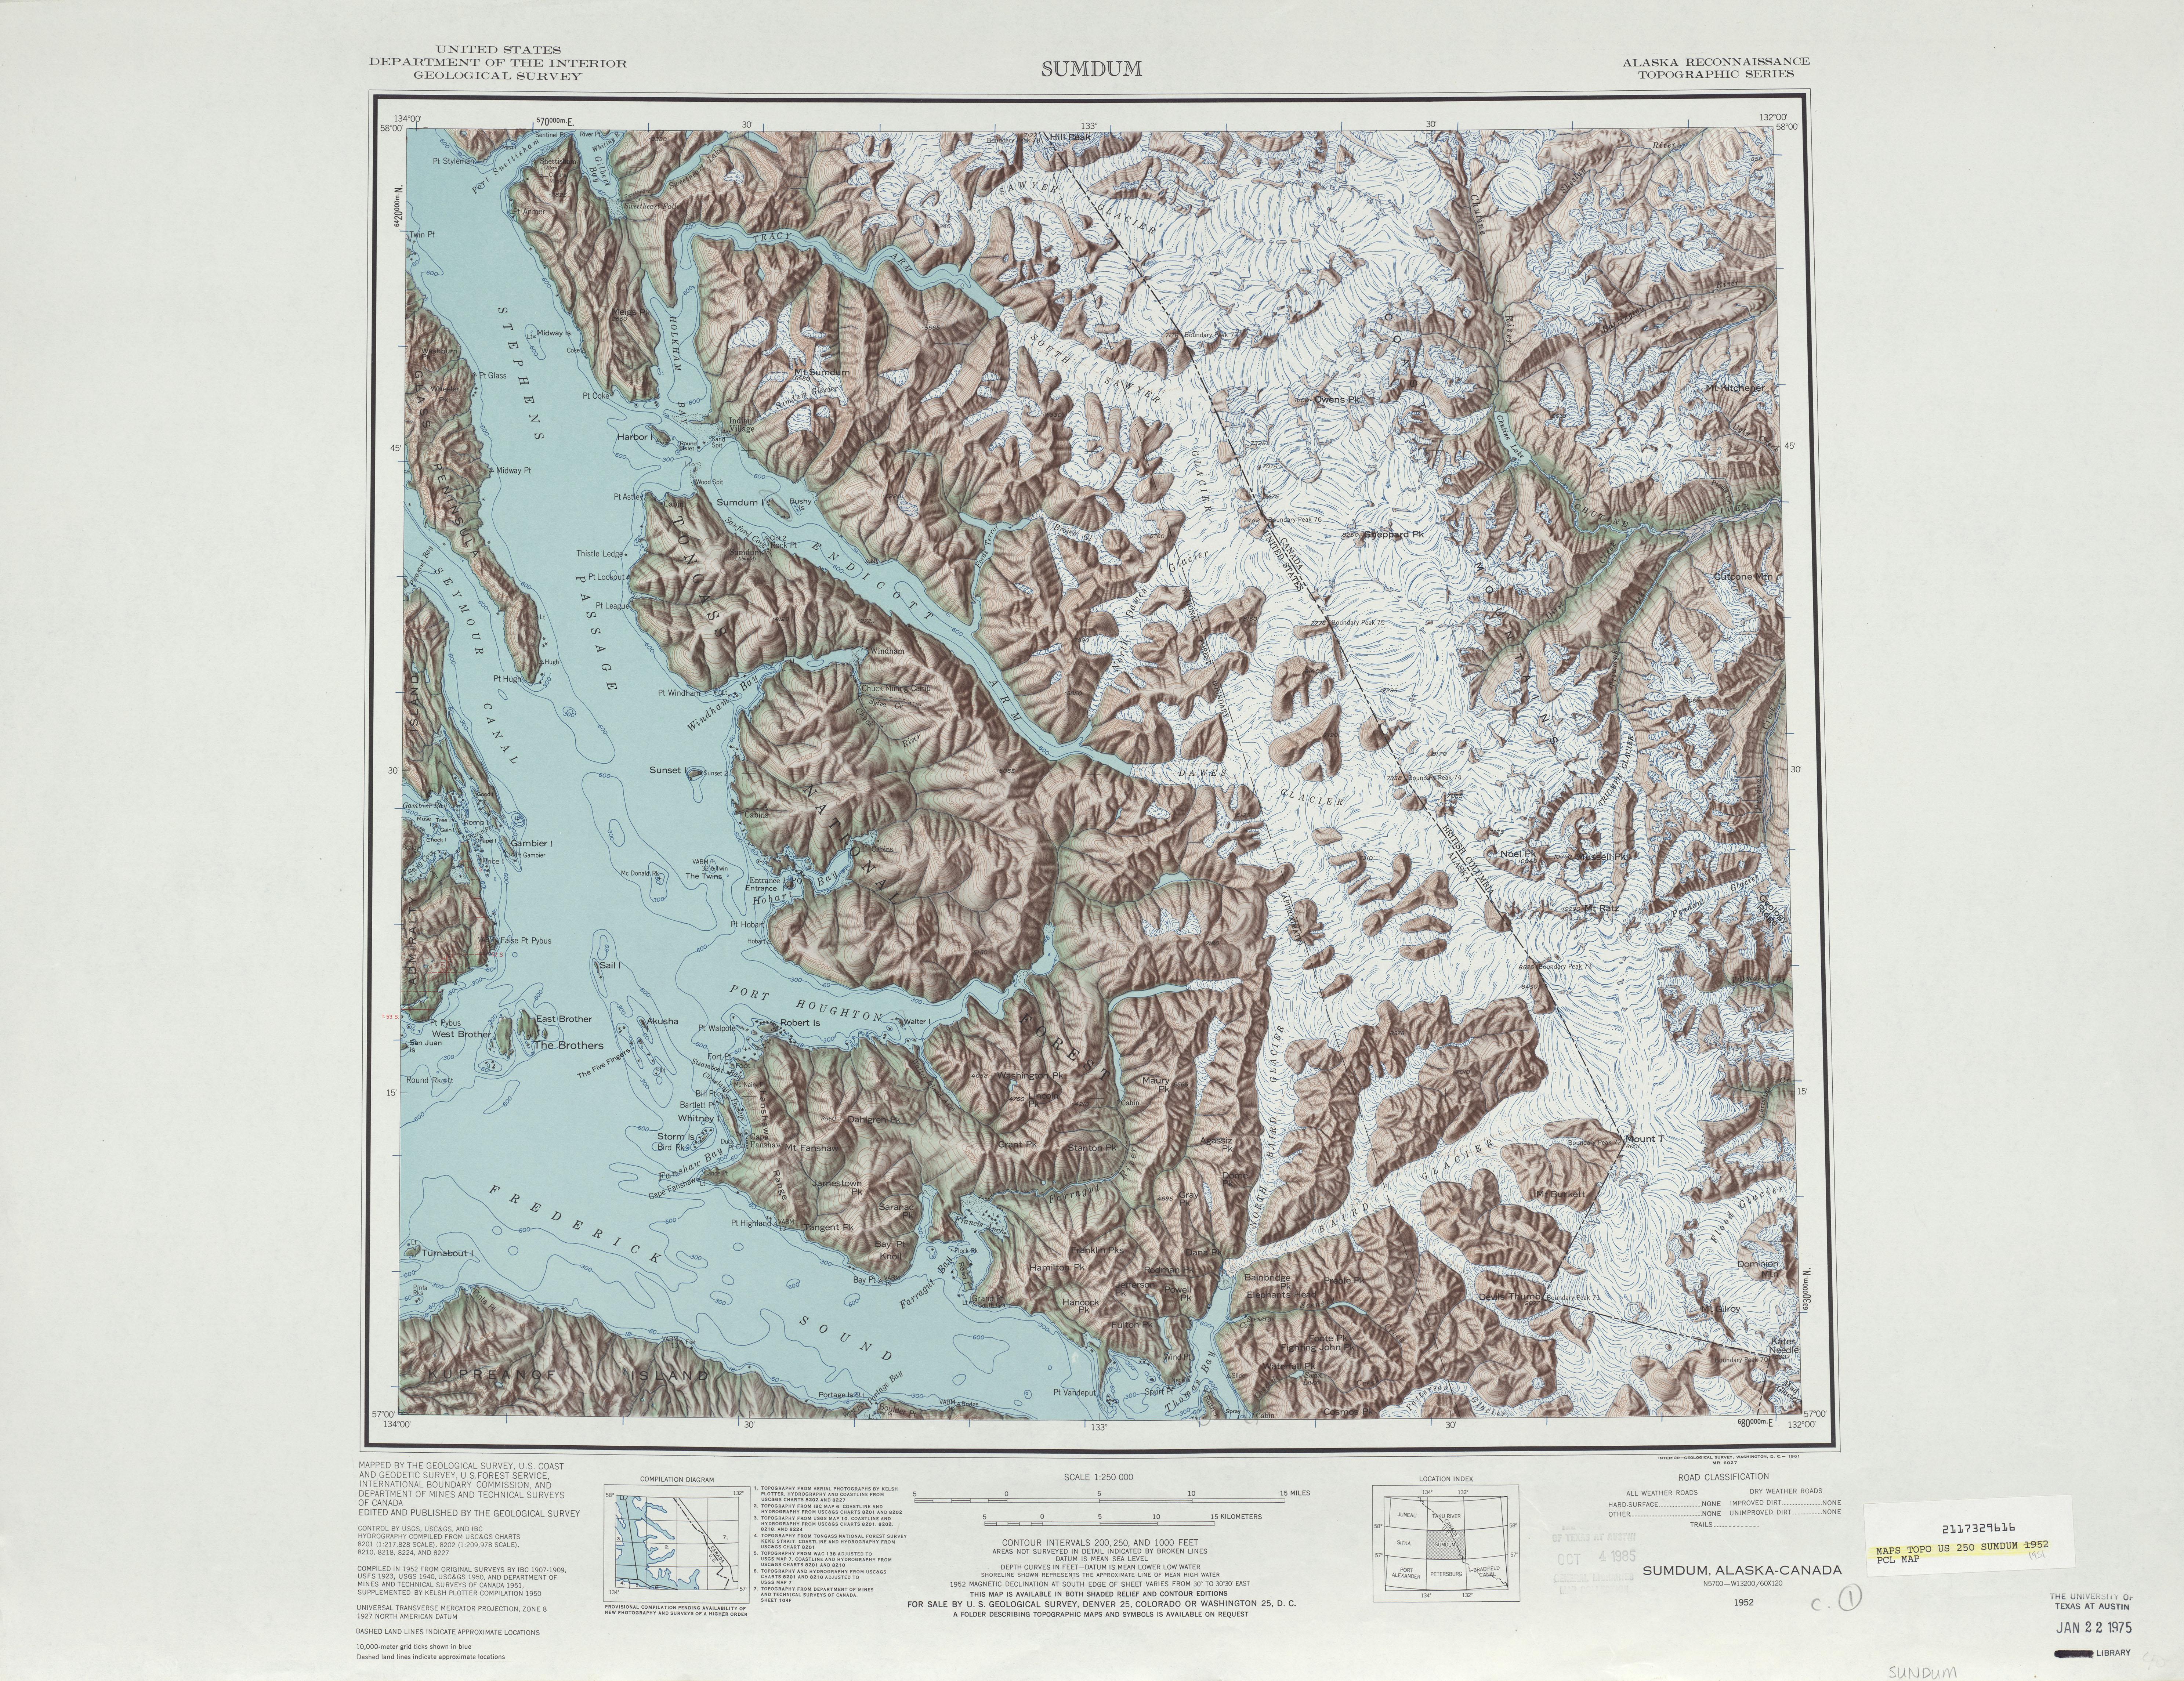 Hoja Sumdum del Mapa de Relieve Sombreado de los Estados Unidos 1951